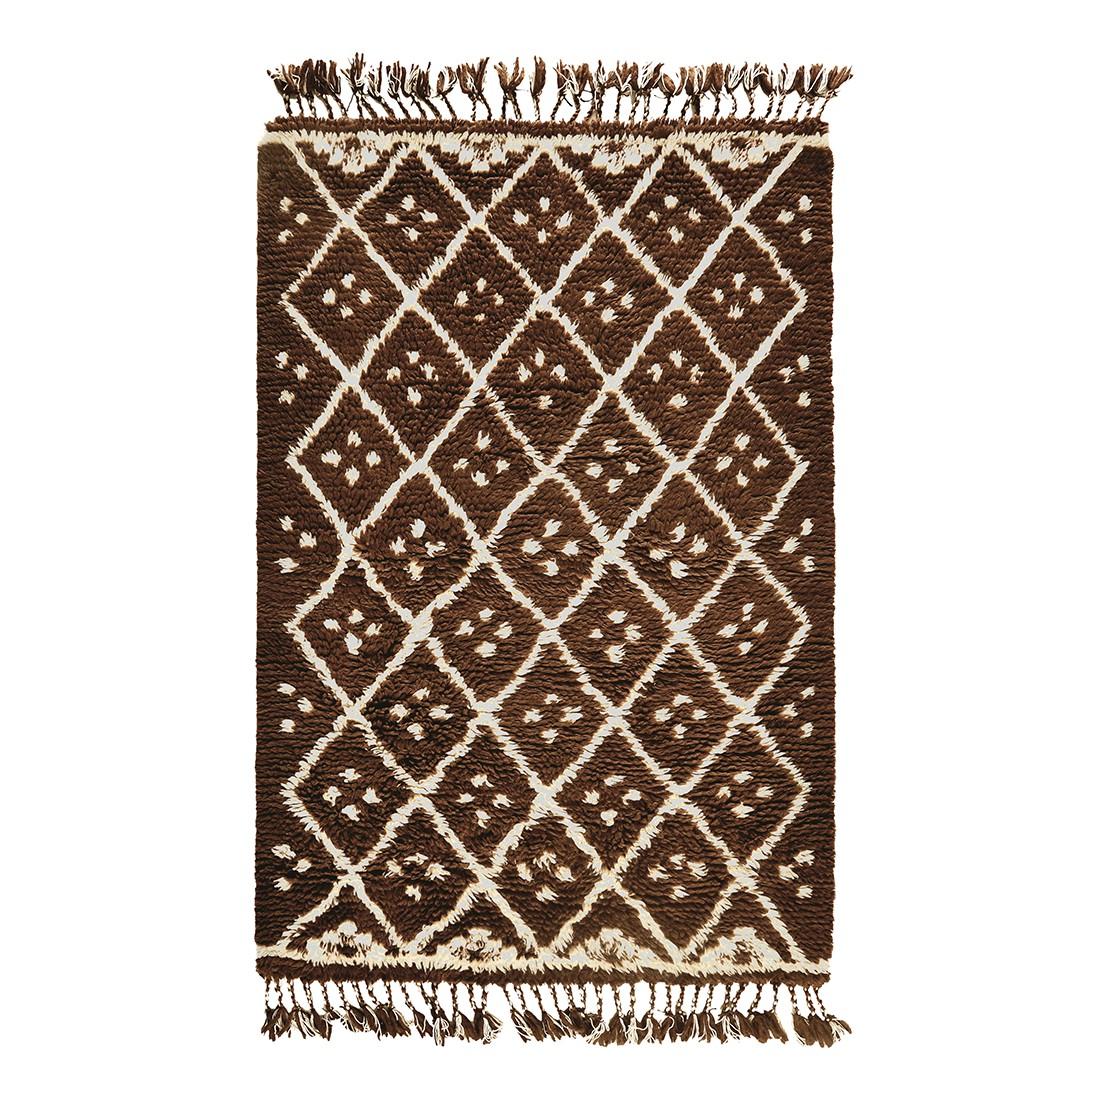 Teppich Nomadic Design – Wolle/Braun – 140 cm x 200 cm, THEKO die markenteppiche günstig online kaufen